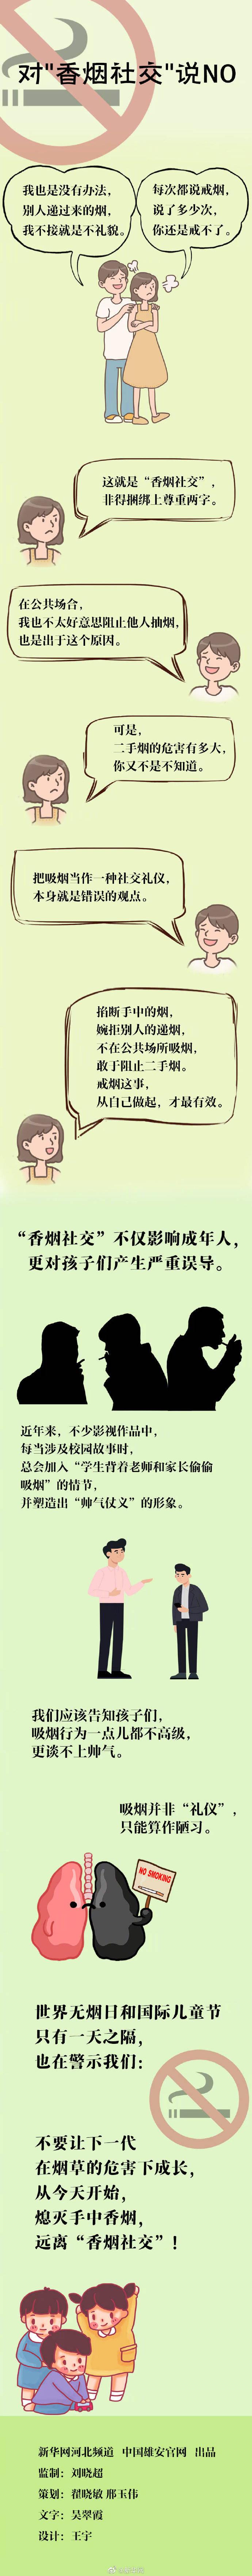 """世界无烟日:对\""""香烟社交\""""说NO"""